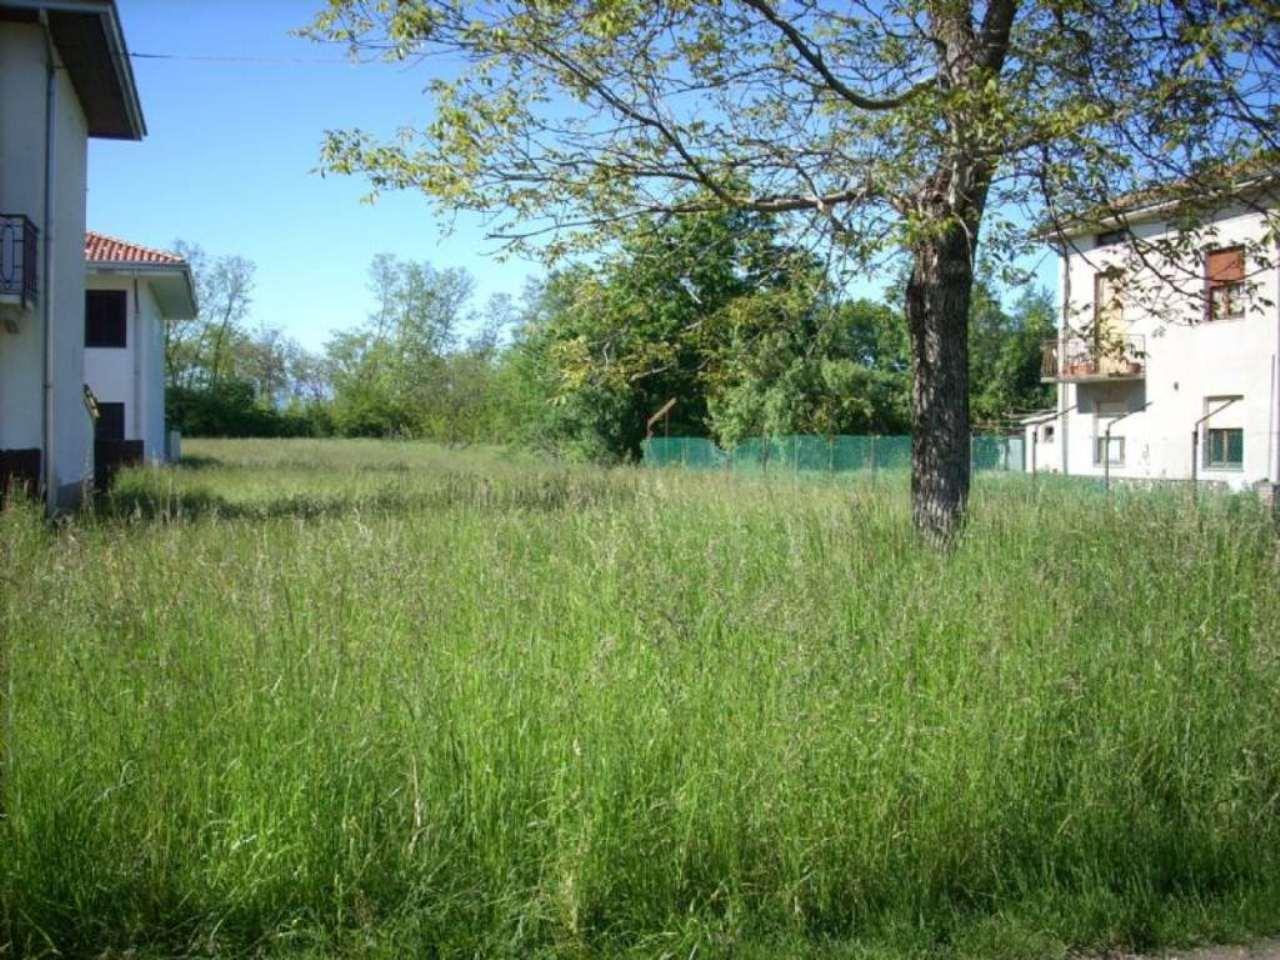 Terreno Edificabile Residenziale in vendita a Fontaneto d'Agogna, 9999 locali, prezzo € 75.000 | CambioCasa.it